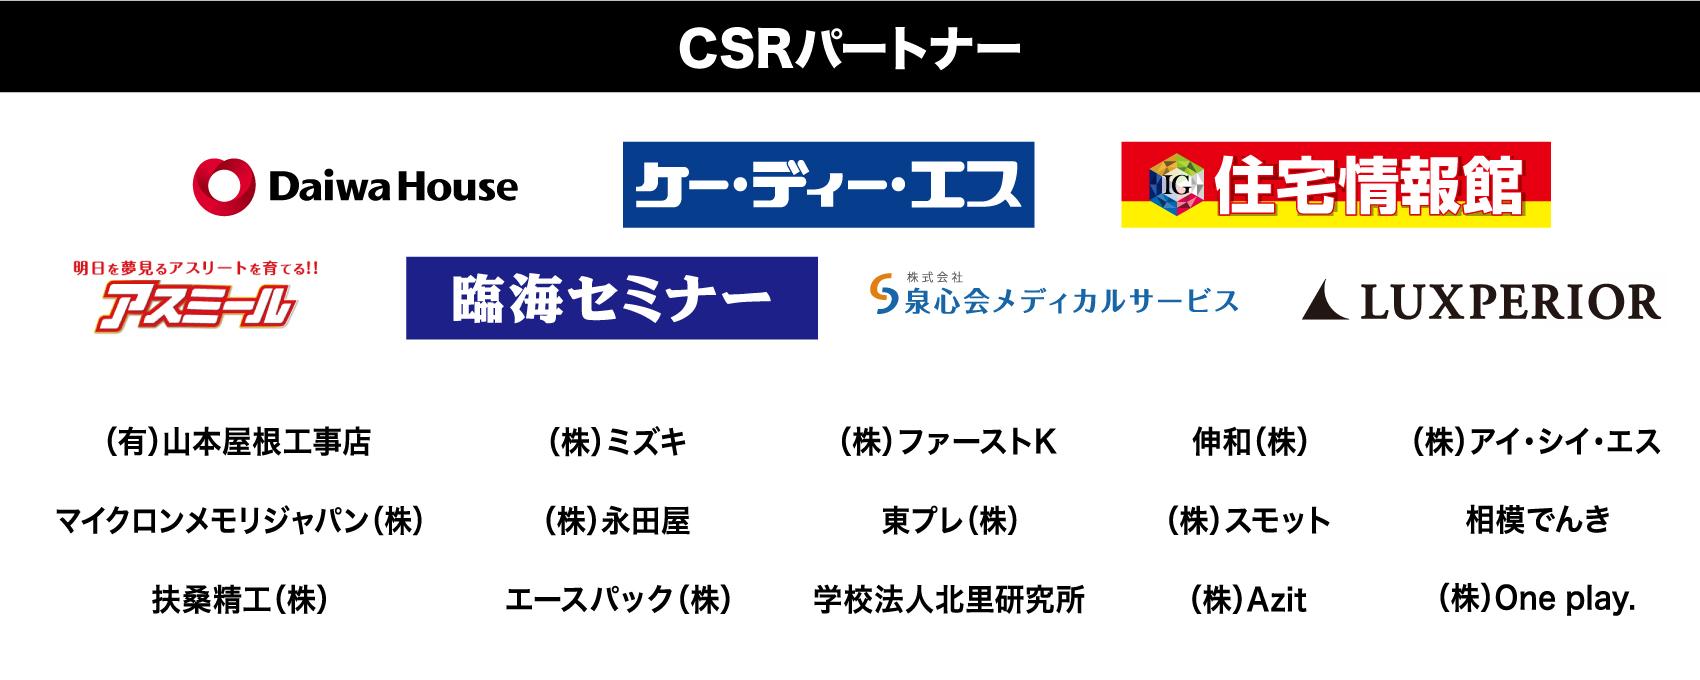 SCS_CSR_web.jpg